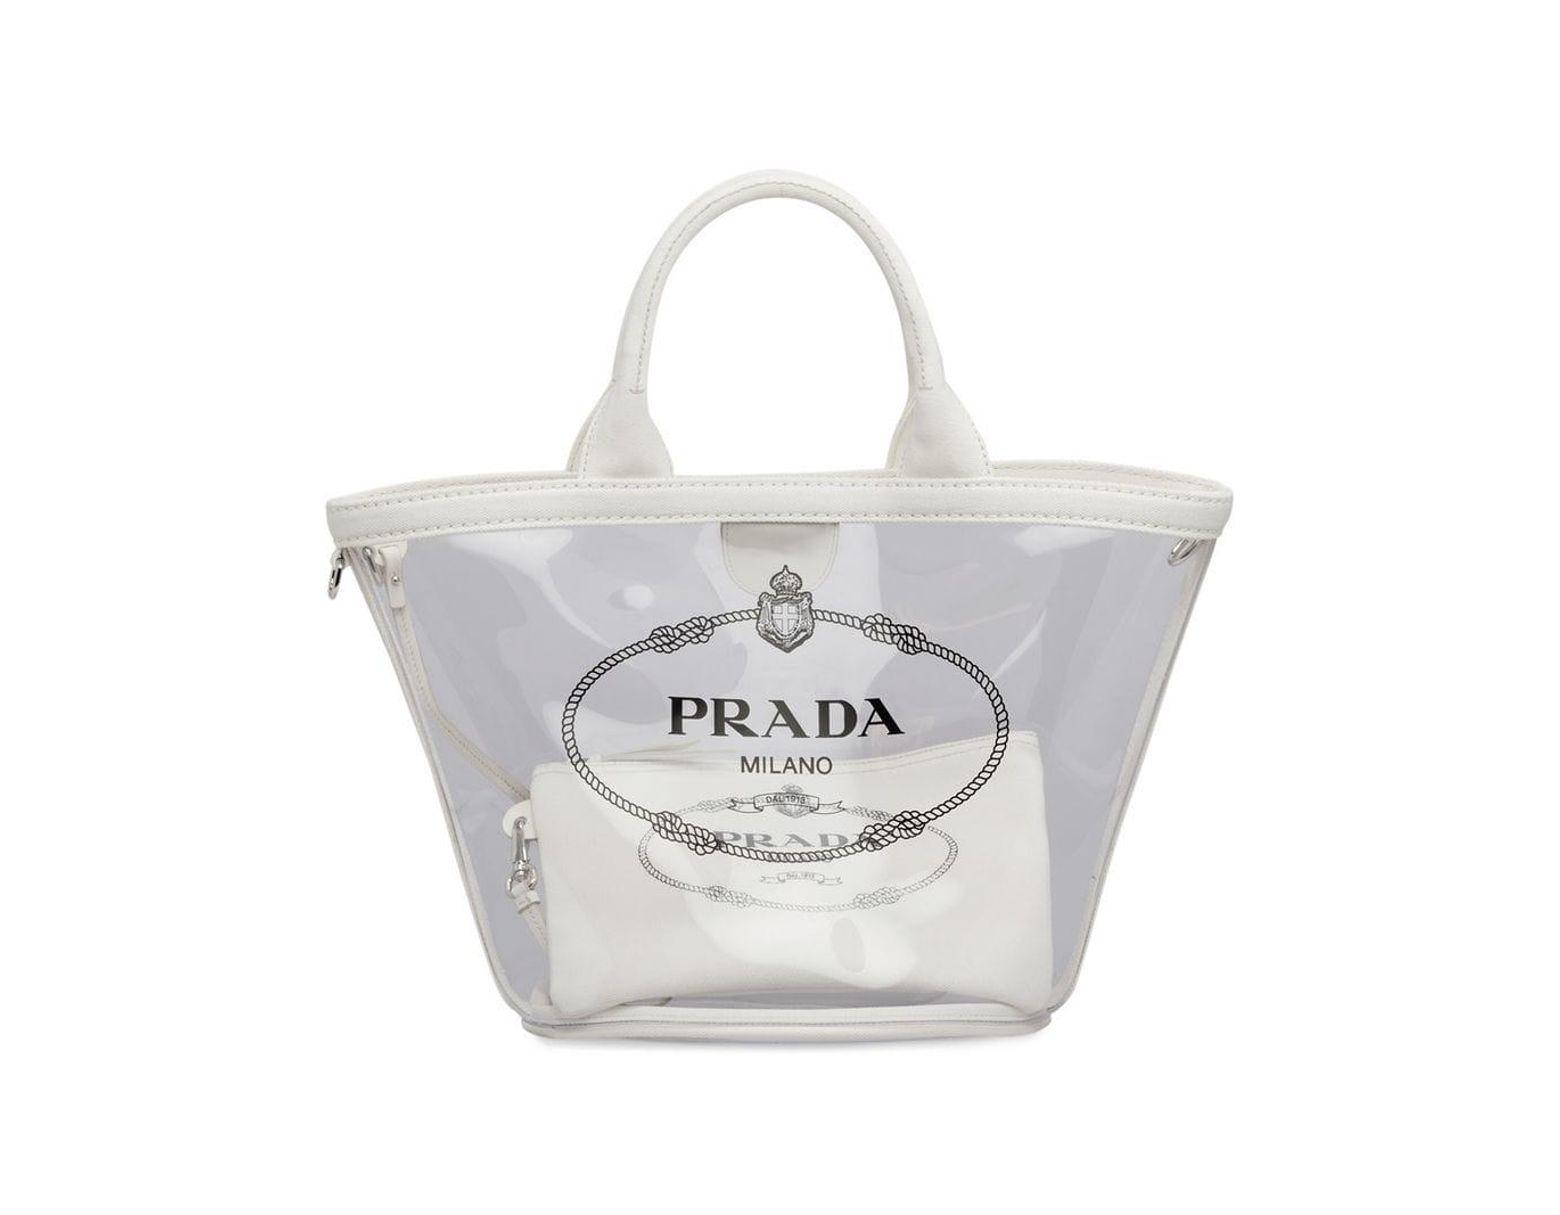 a7e187105a68 Lyst - Prada Transparent Handbag in White - Save 10%